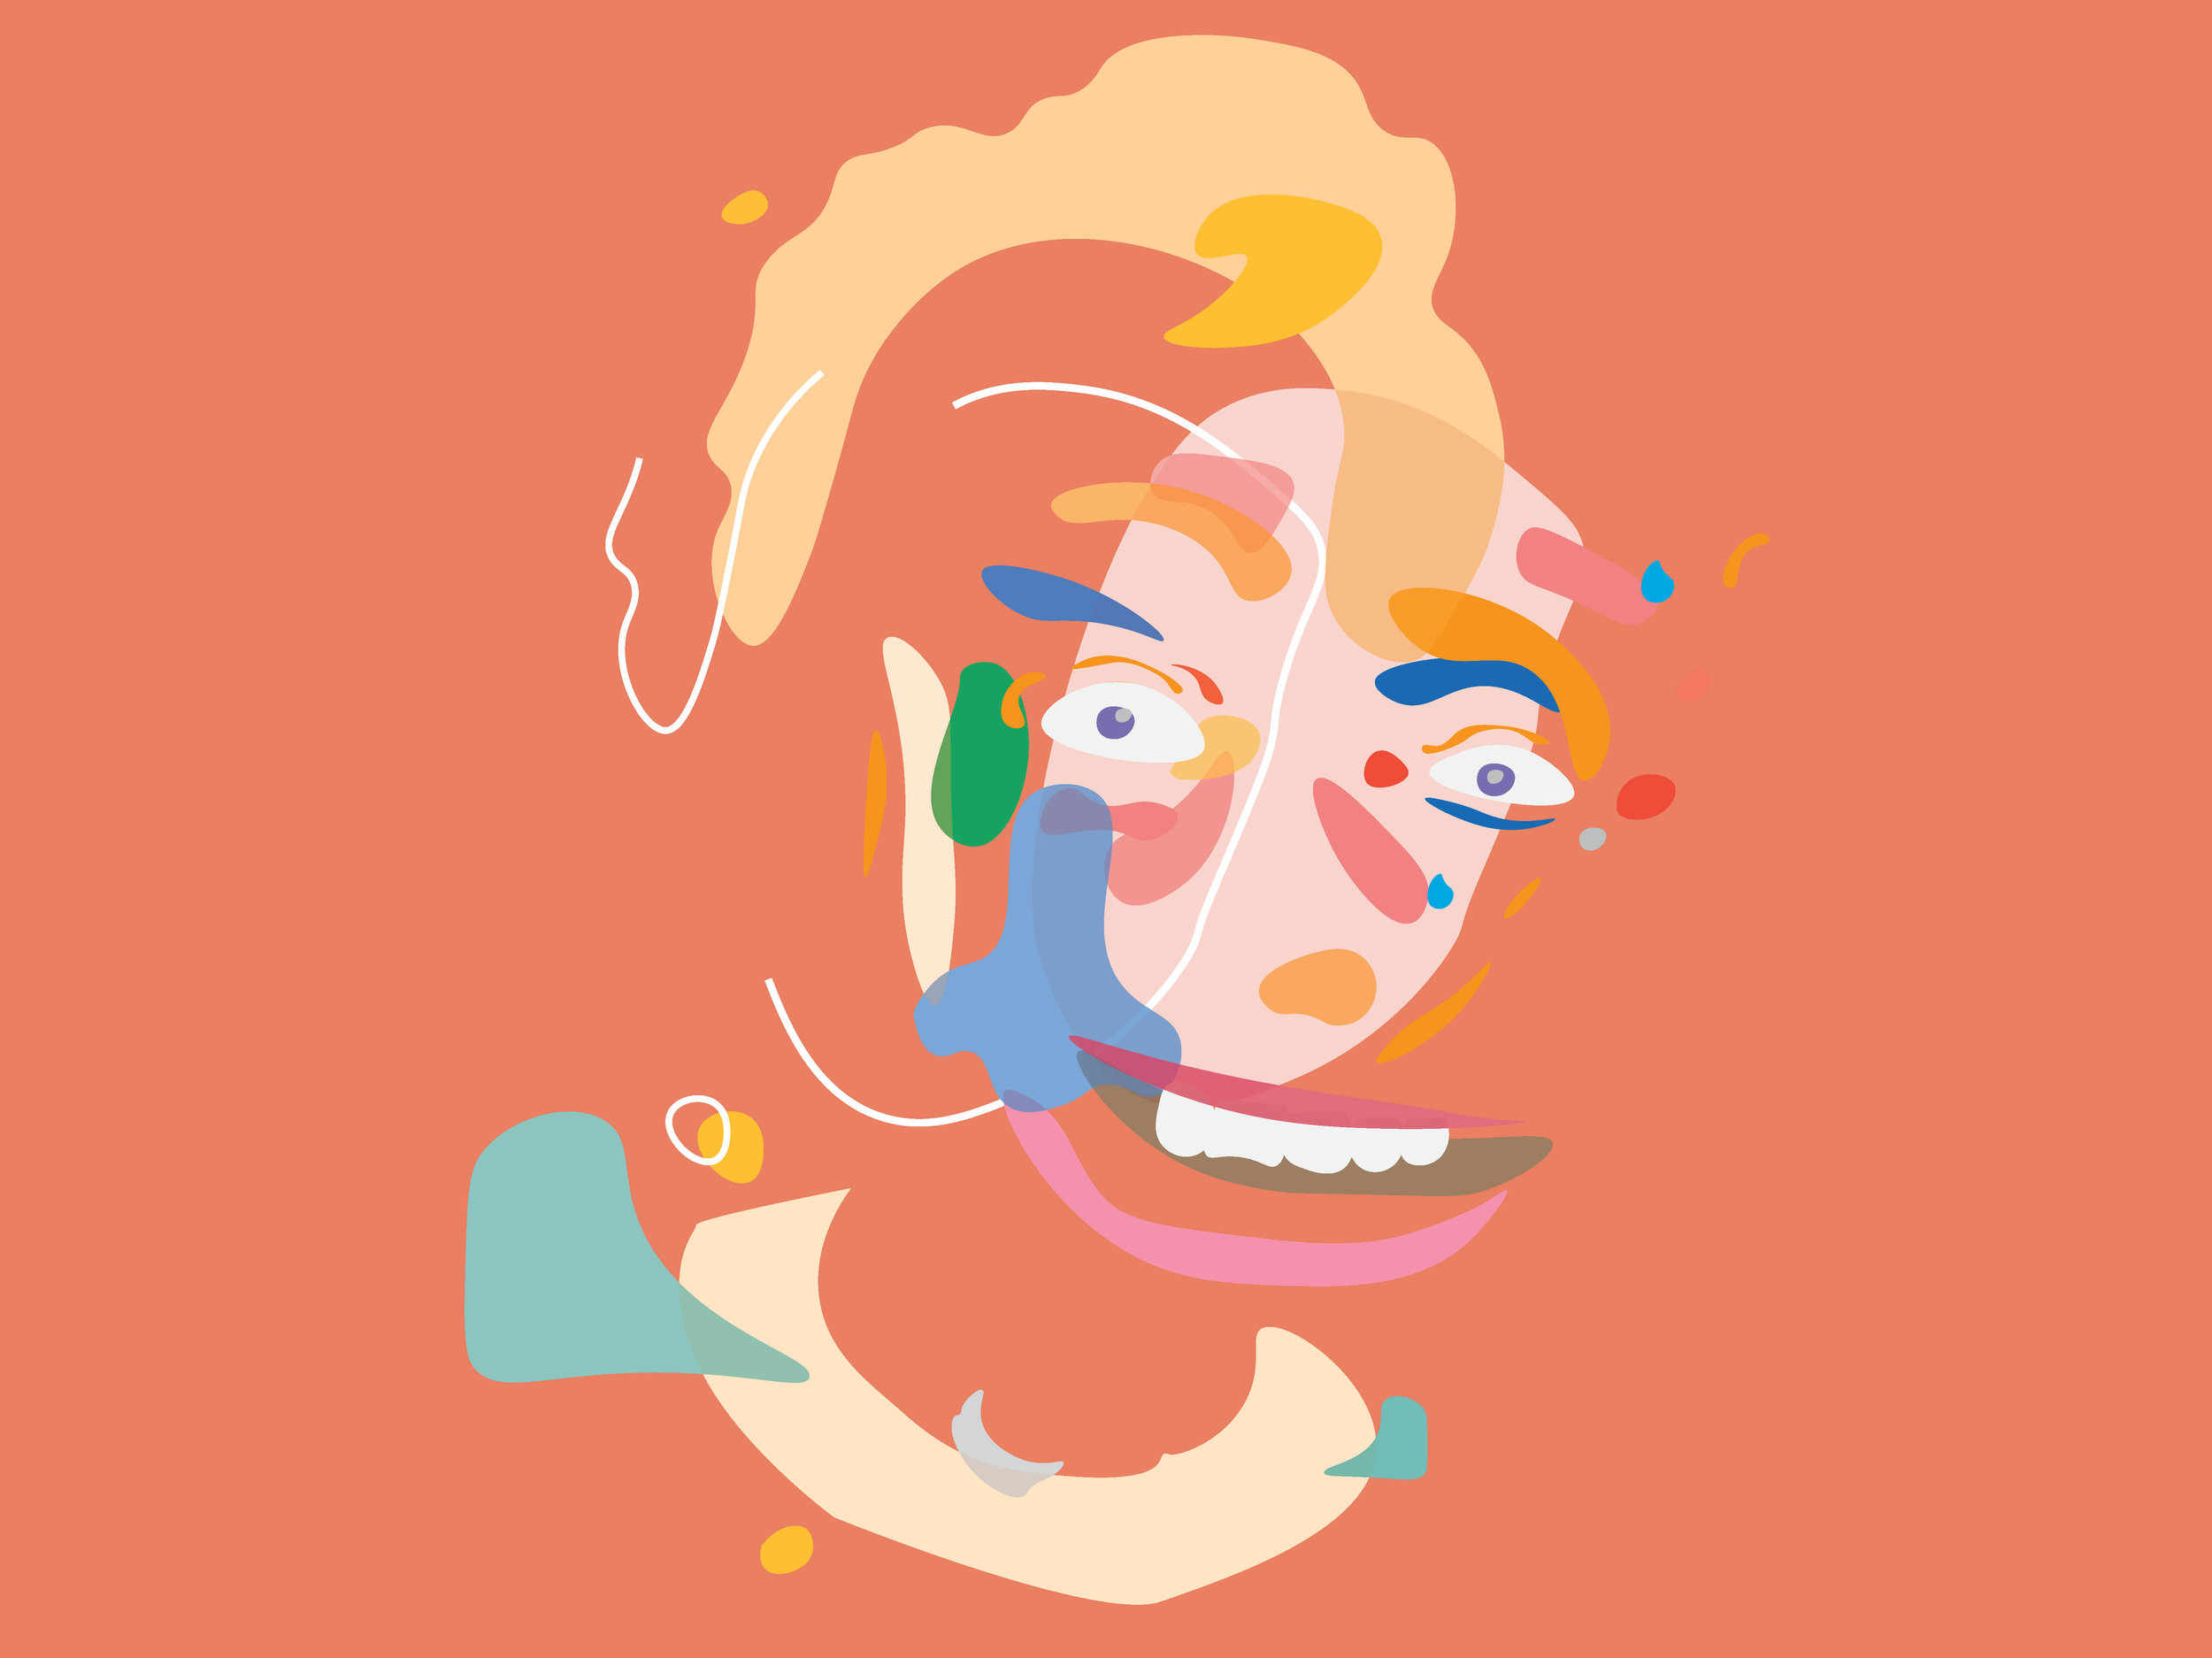 Festival_Face_Web.jpg